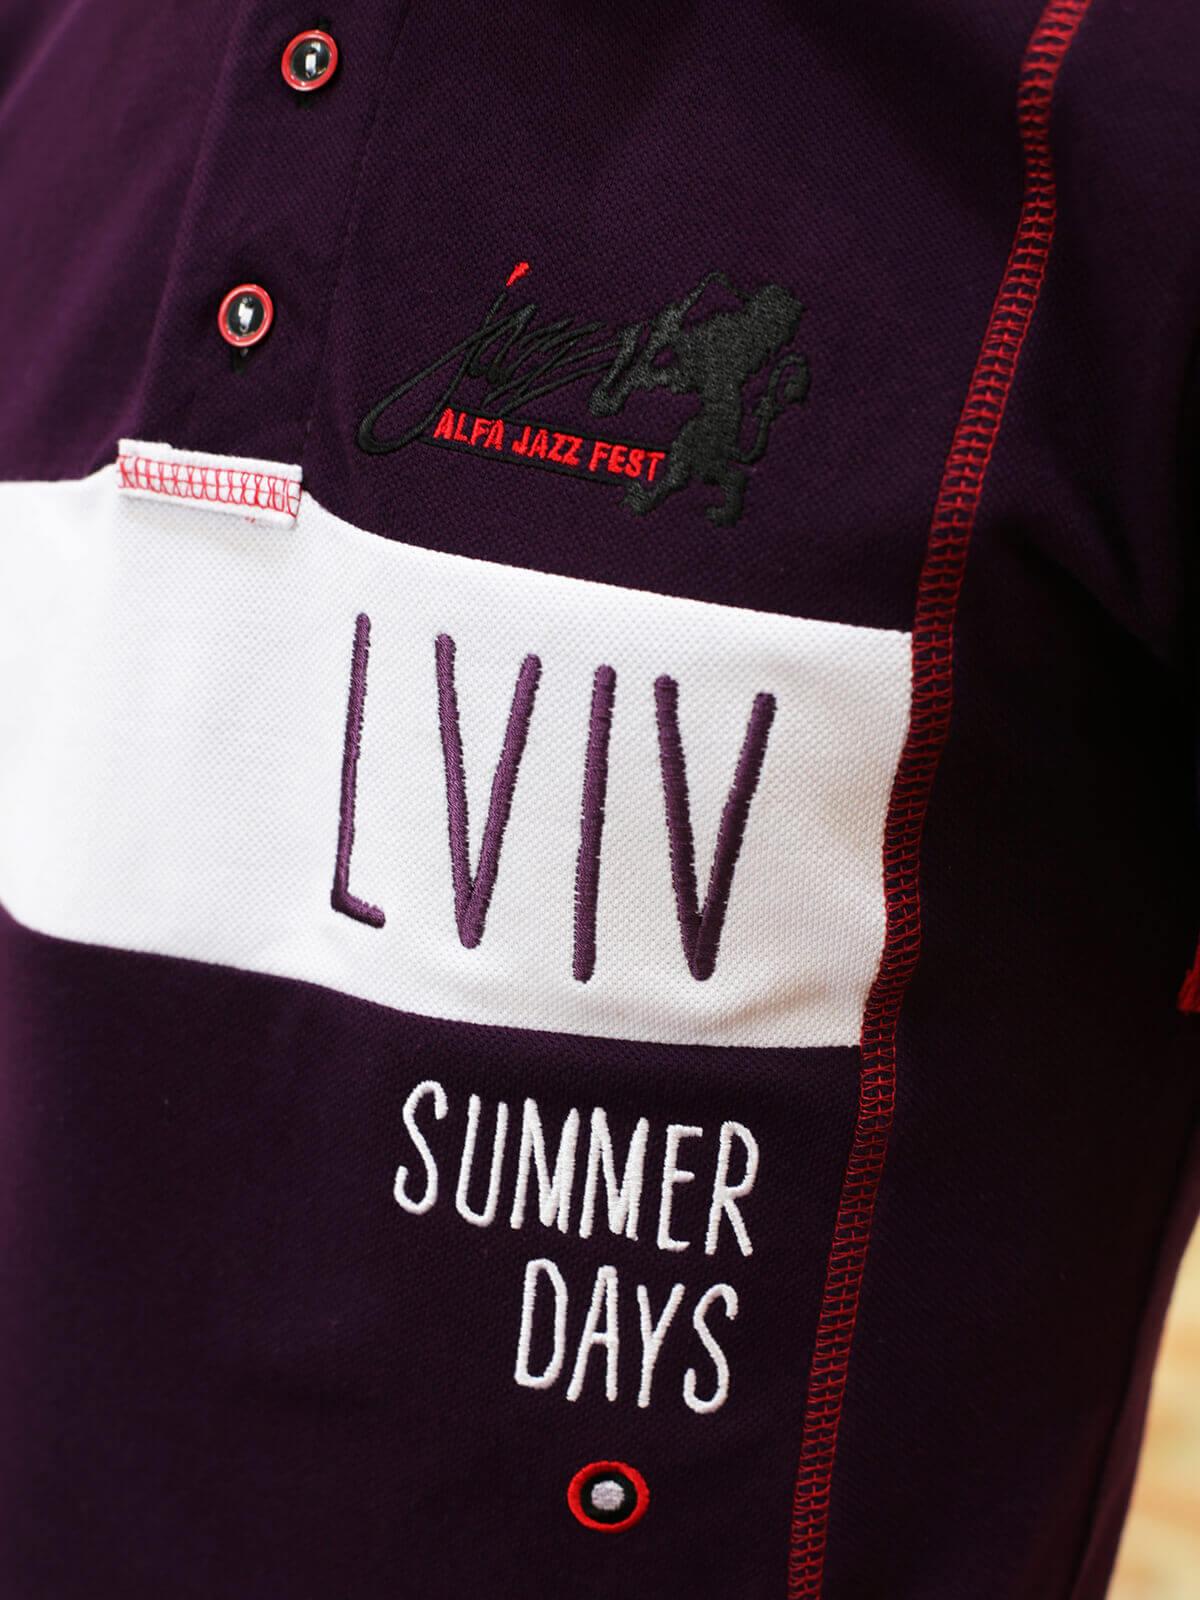 Чоловіче Поло Lviv Summer Days. Колір фіолетовий. Цей продукт наявний В ОСТАННІХ ЕКЗЕПЛЯРАХ і більше ВИГОТОВЛЯТИСЬ НЕ БУДЕ.